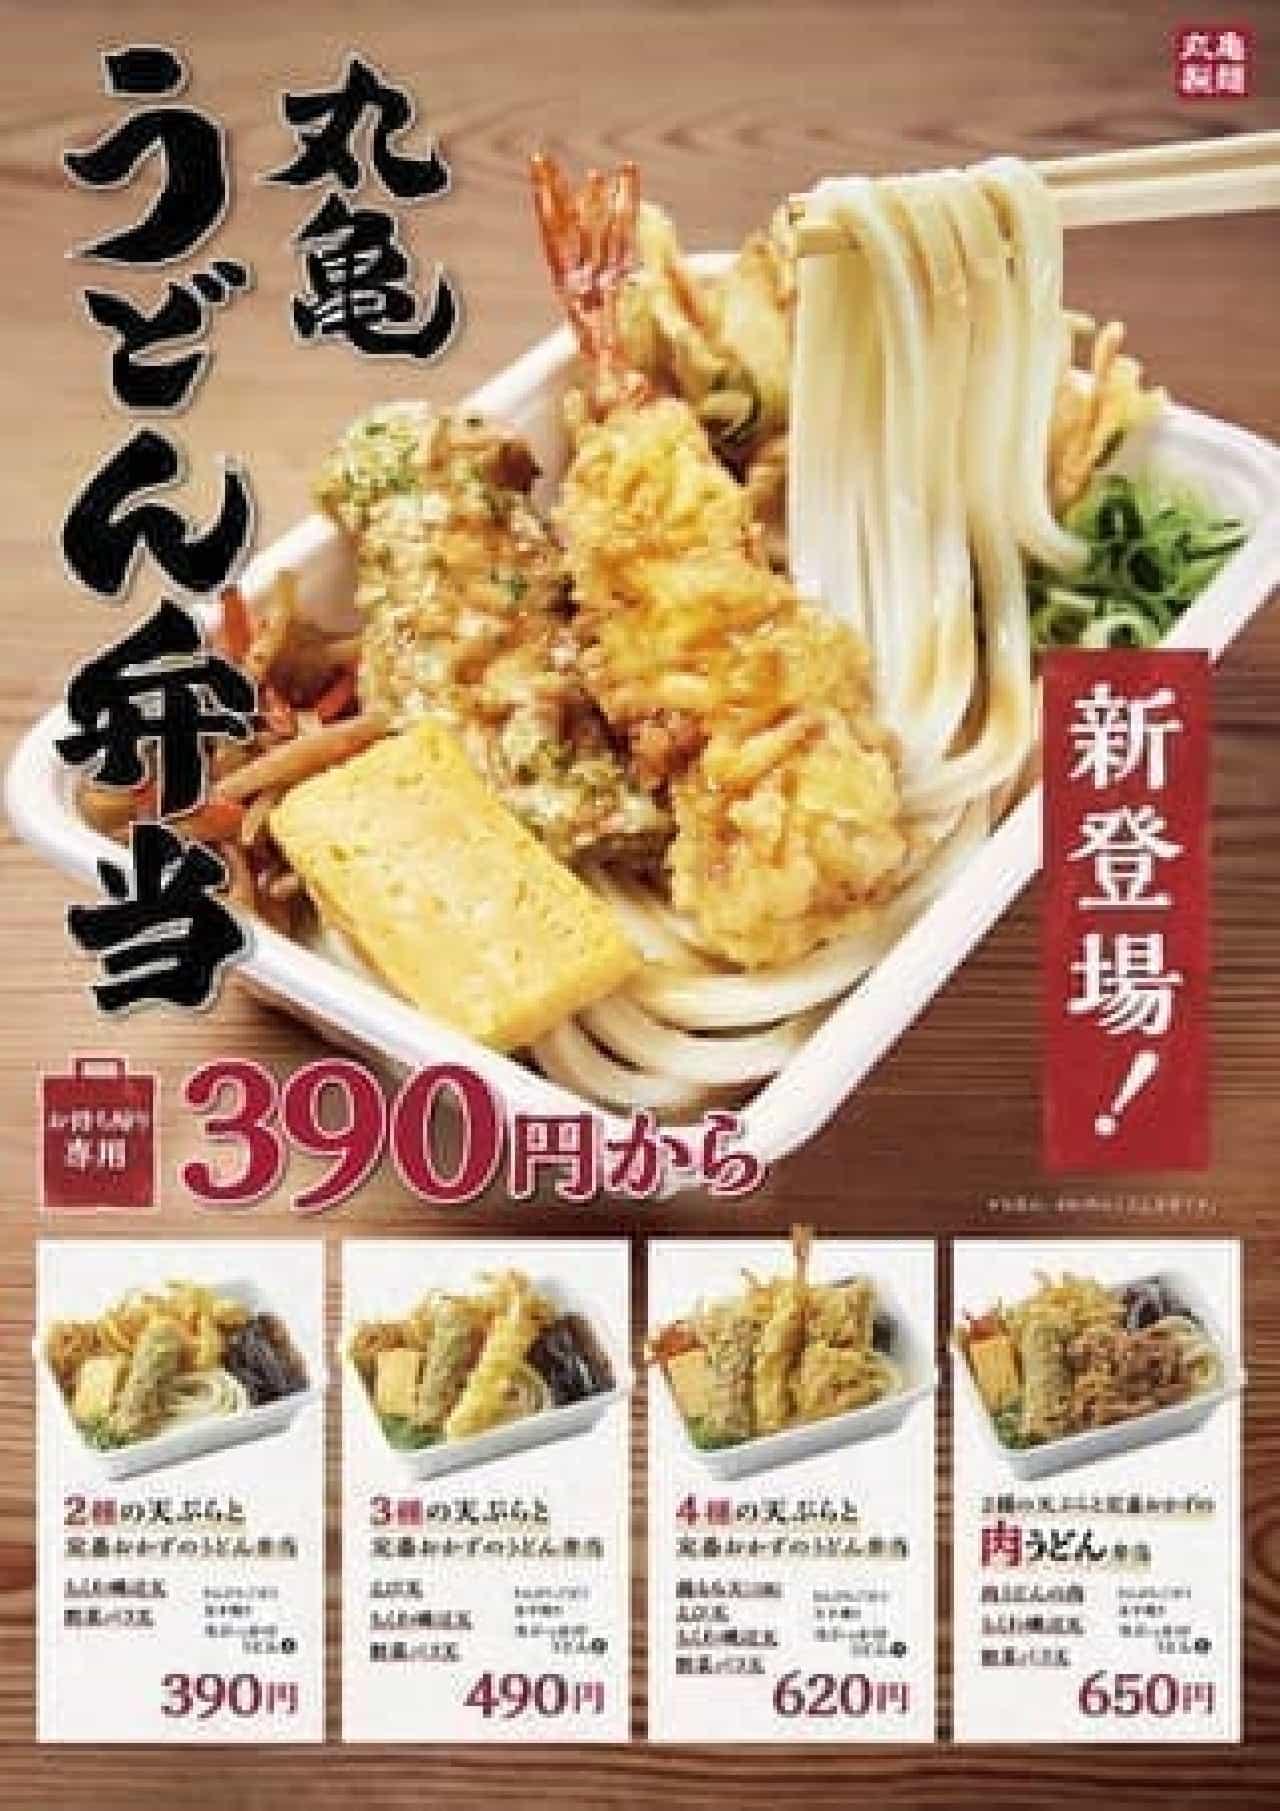 丸亀製麺「丸亀うどん弁当」